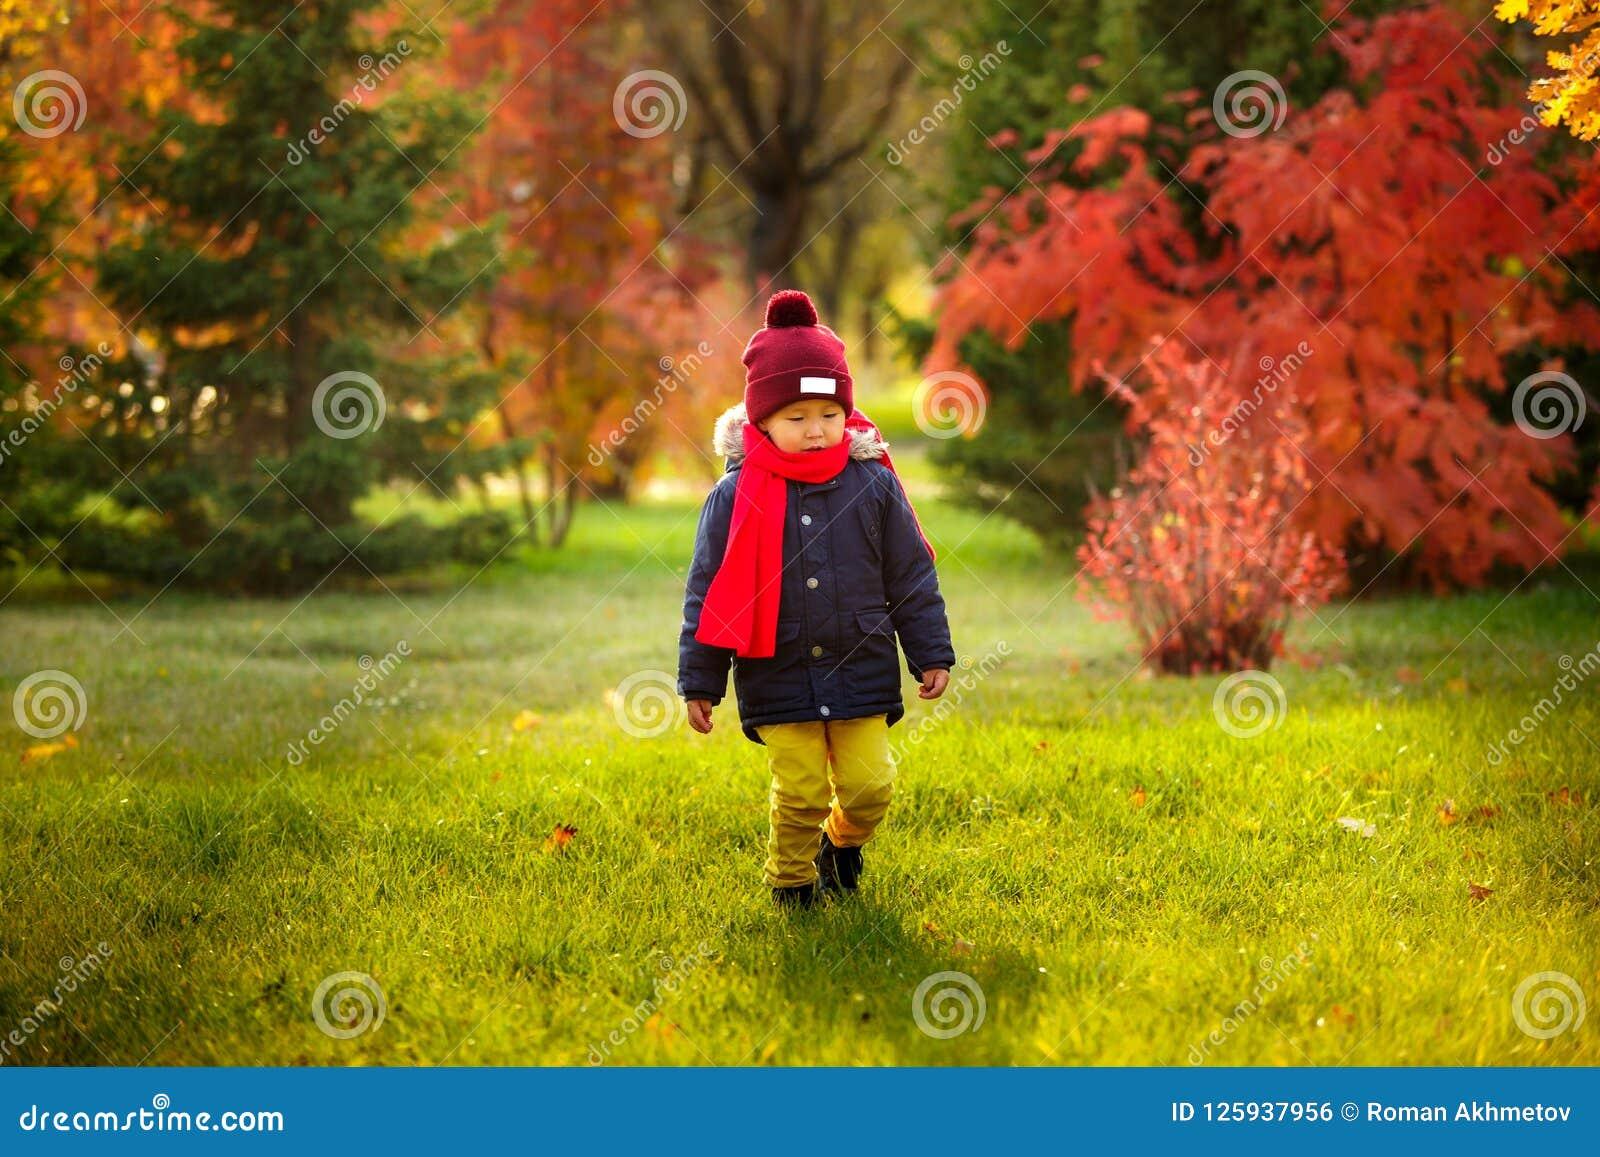 Ein Kind geht in den Herbst im Park - ein Kind geht in das a